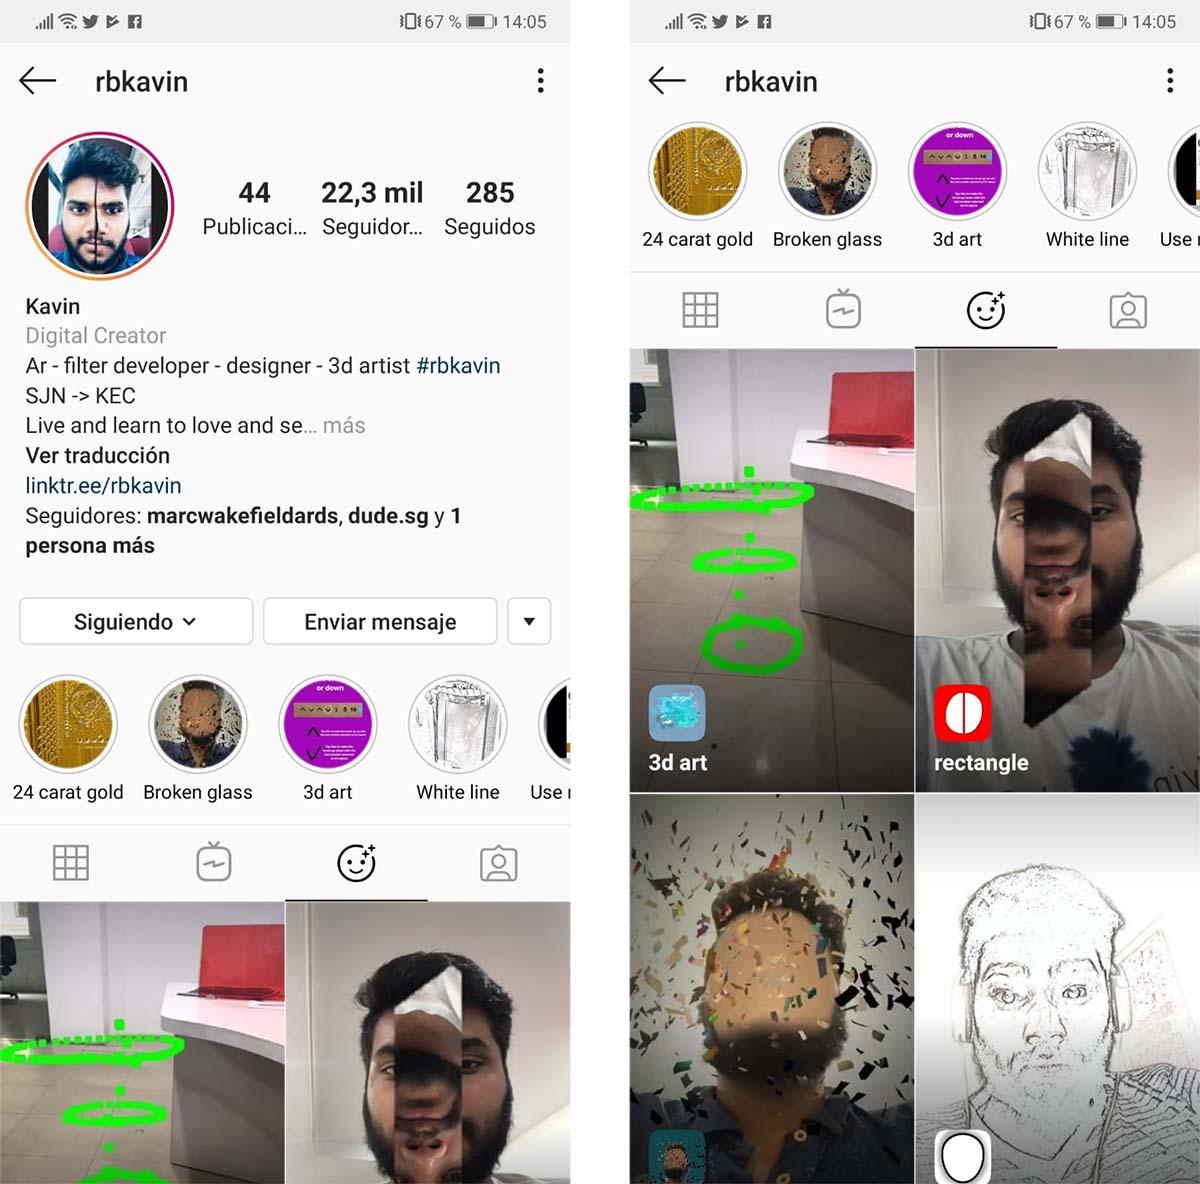 Instagram 3D Art